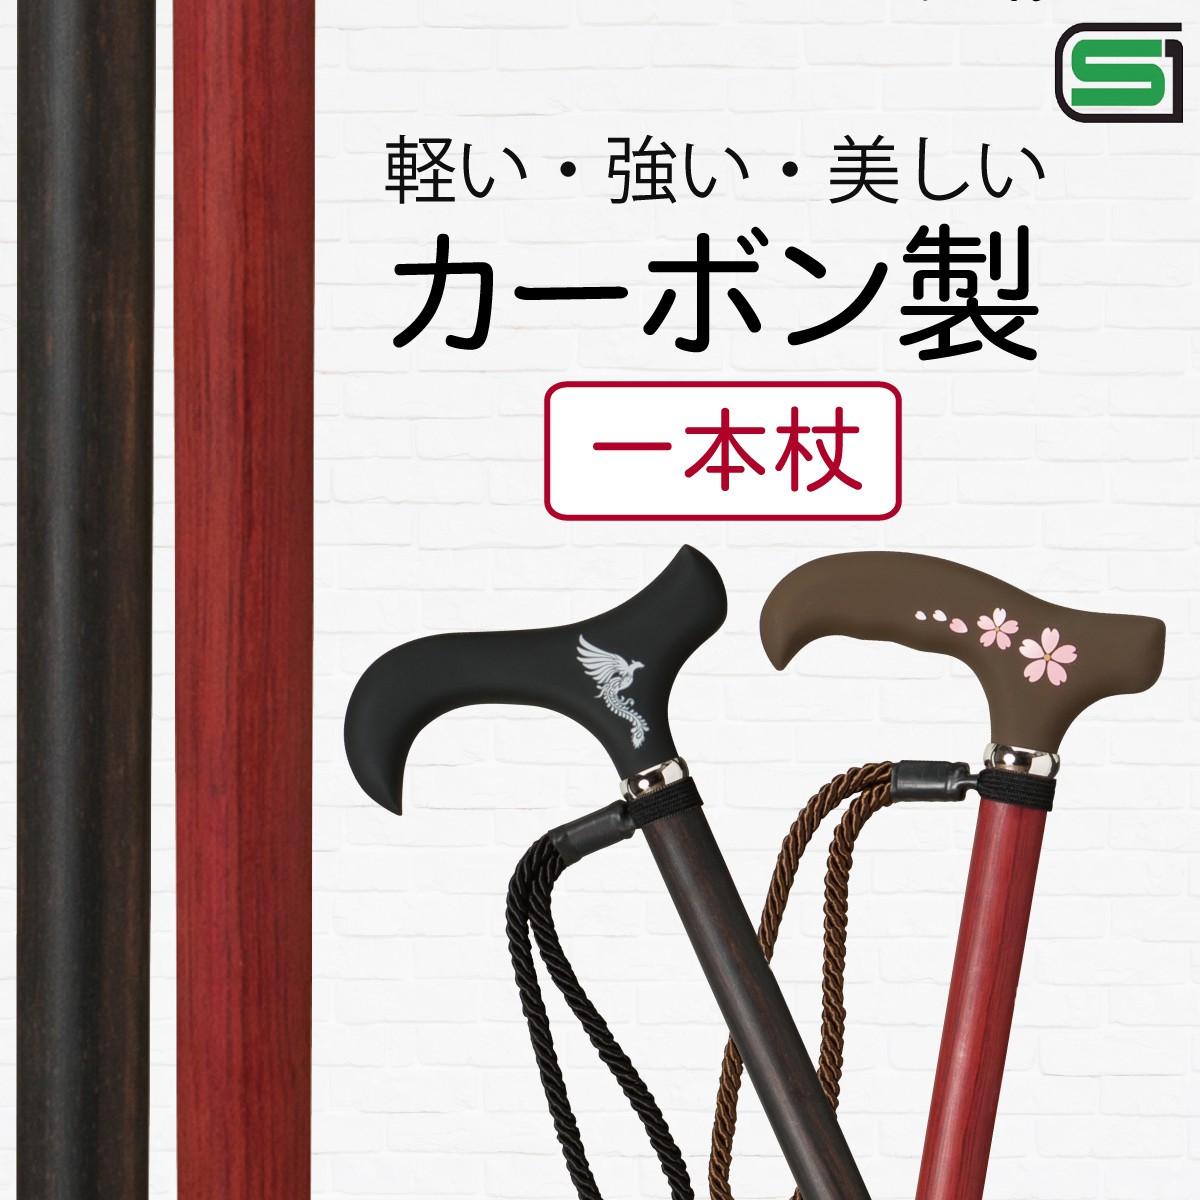 杖 一本杖 軽量 カーボン 愛杖 C-201 黒壇巻き ストラップ付き ギフト プレゼント 贈り物